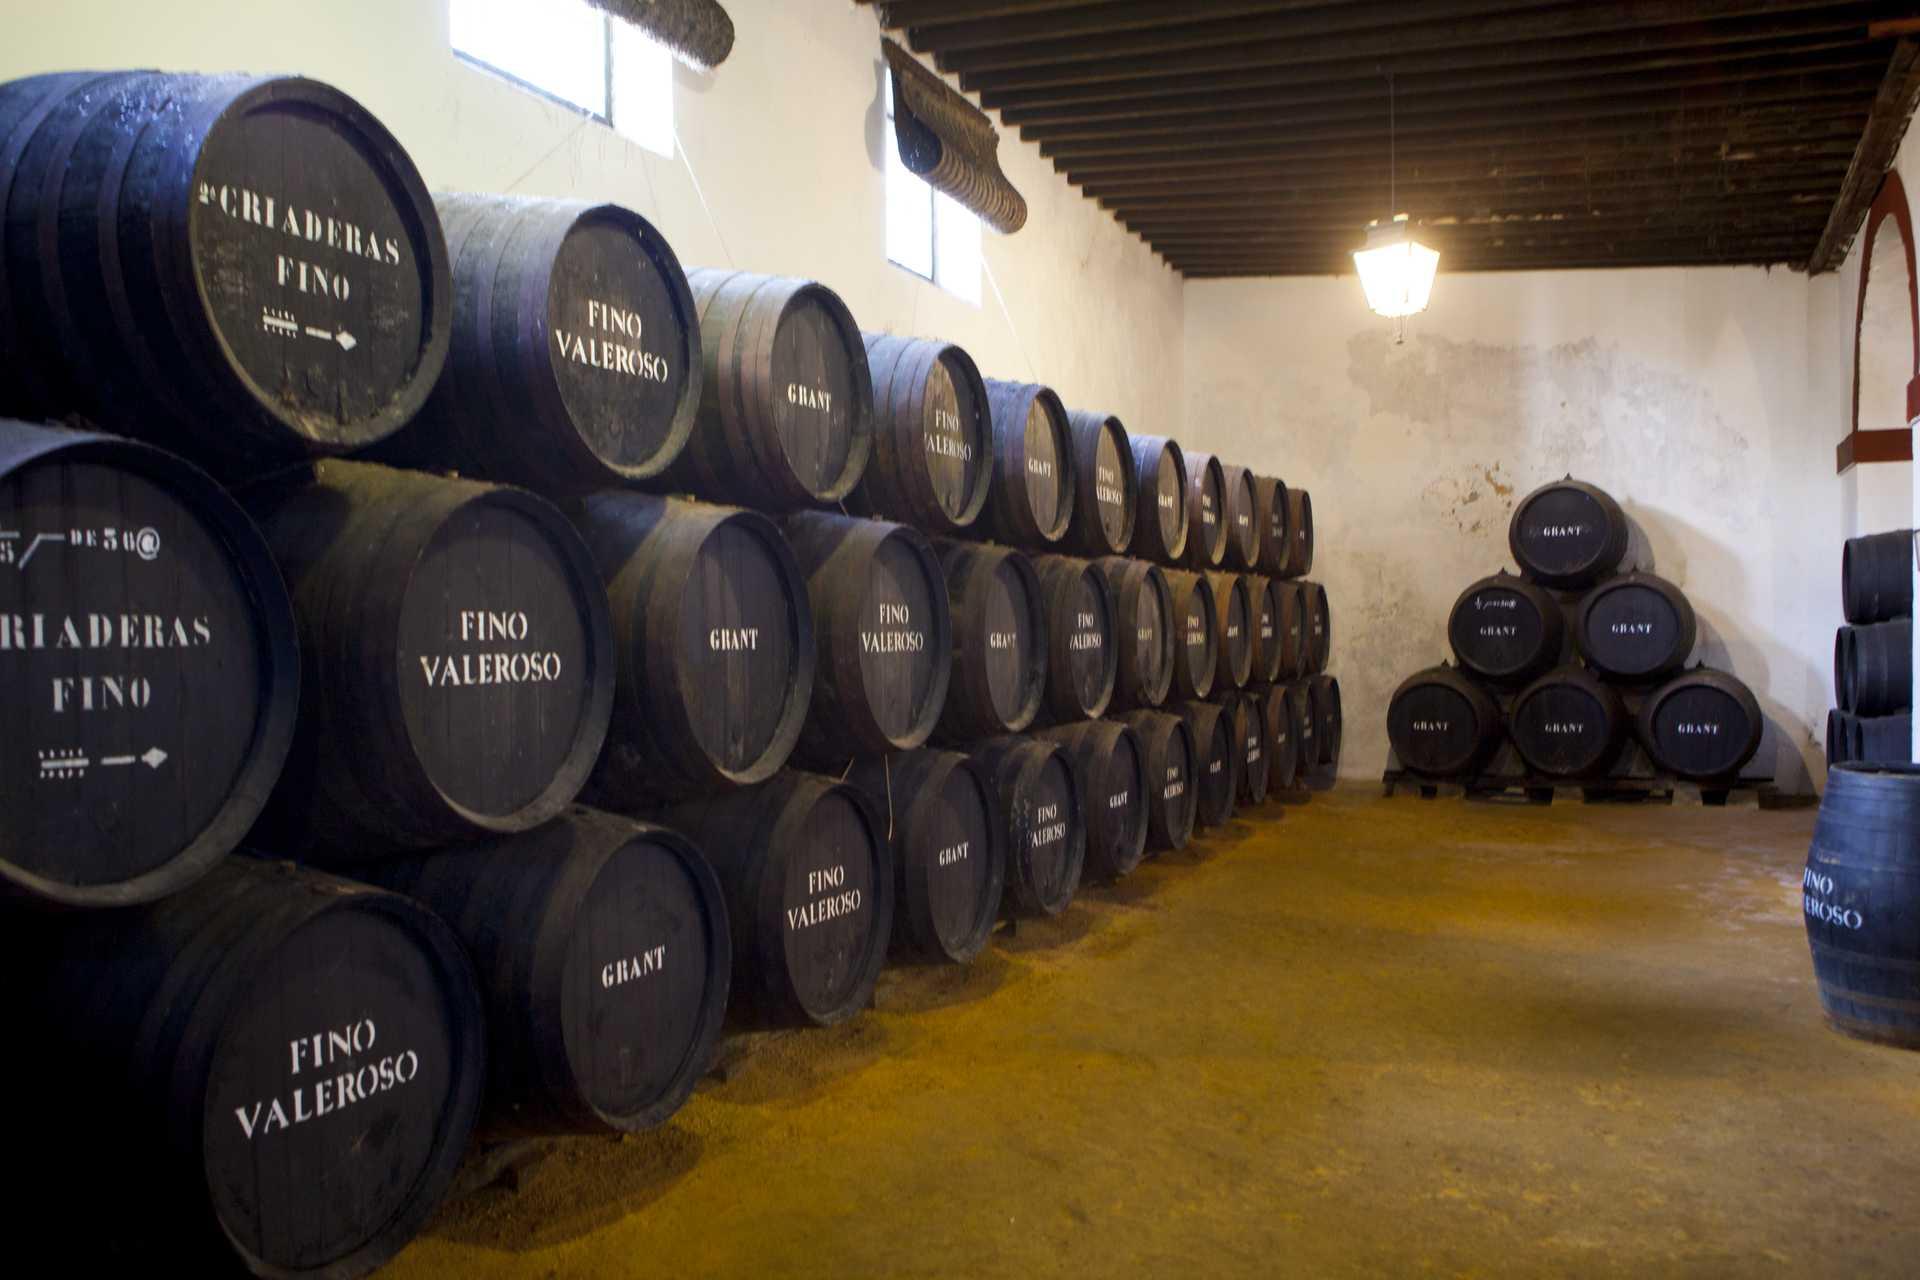 Denominaciones De Origen Vino Web Oficial De Turismo De Andalucía